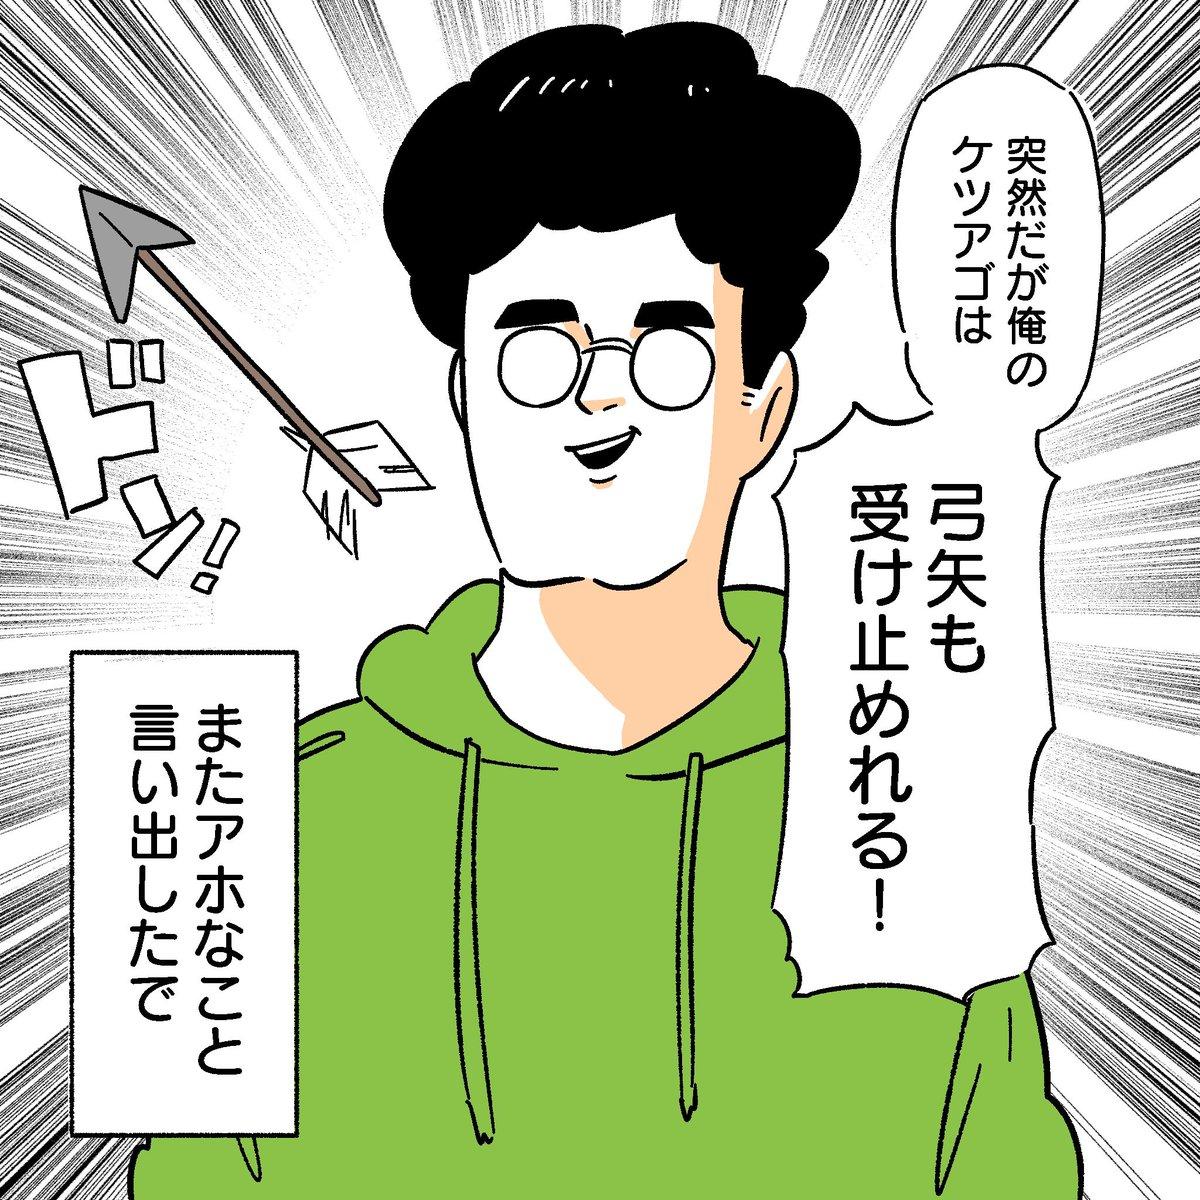 ん ぐっぴ ボンボン tv